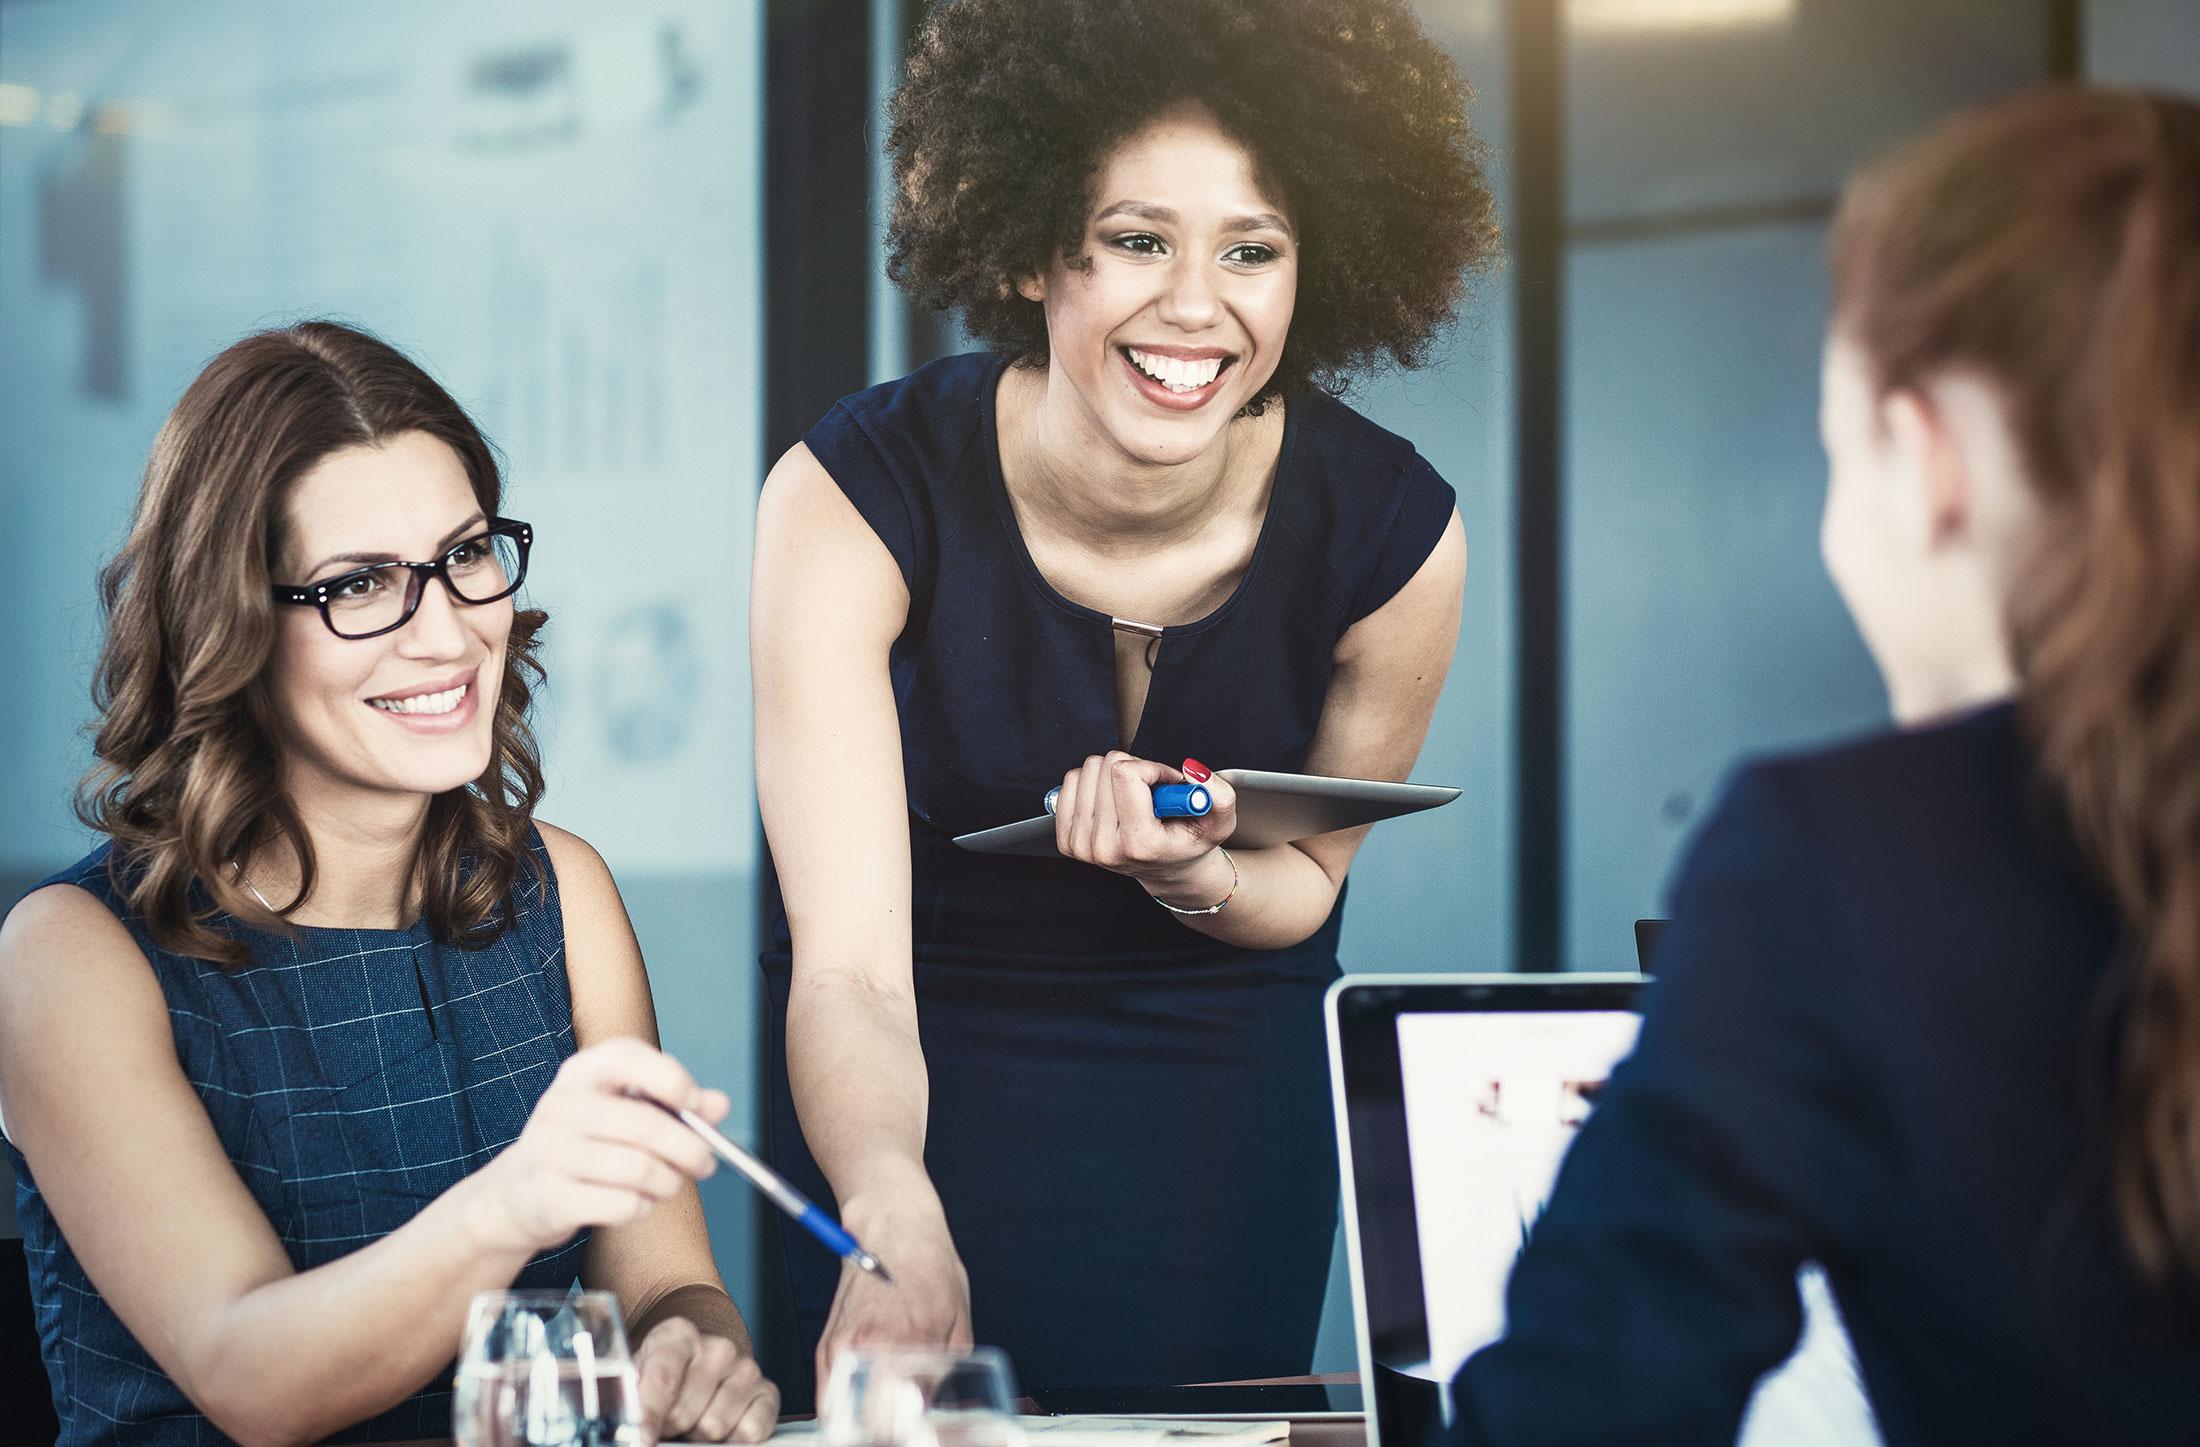 Collaboration & Client Service